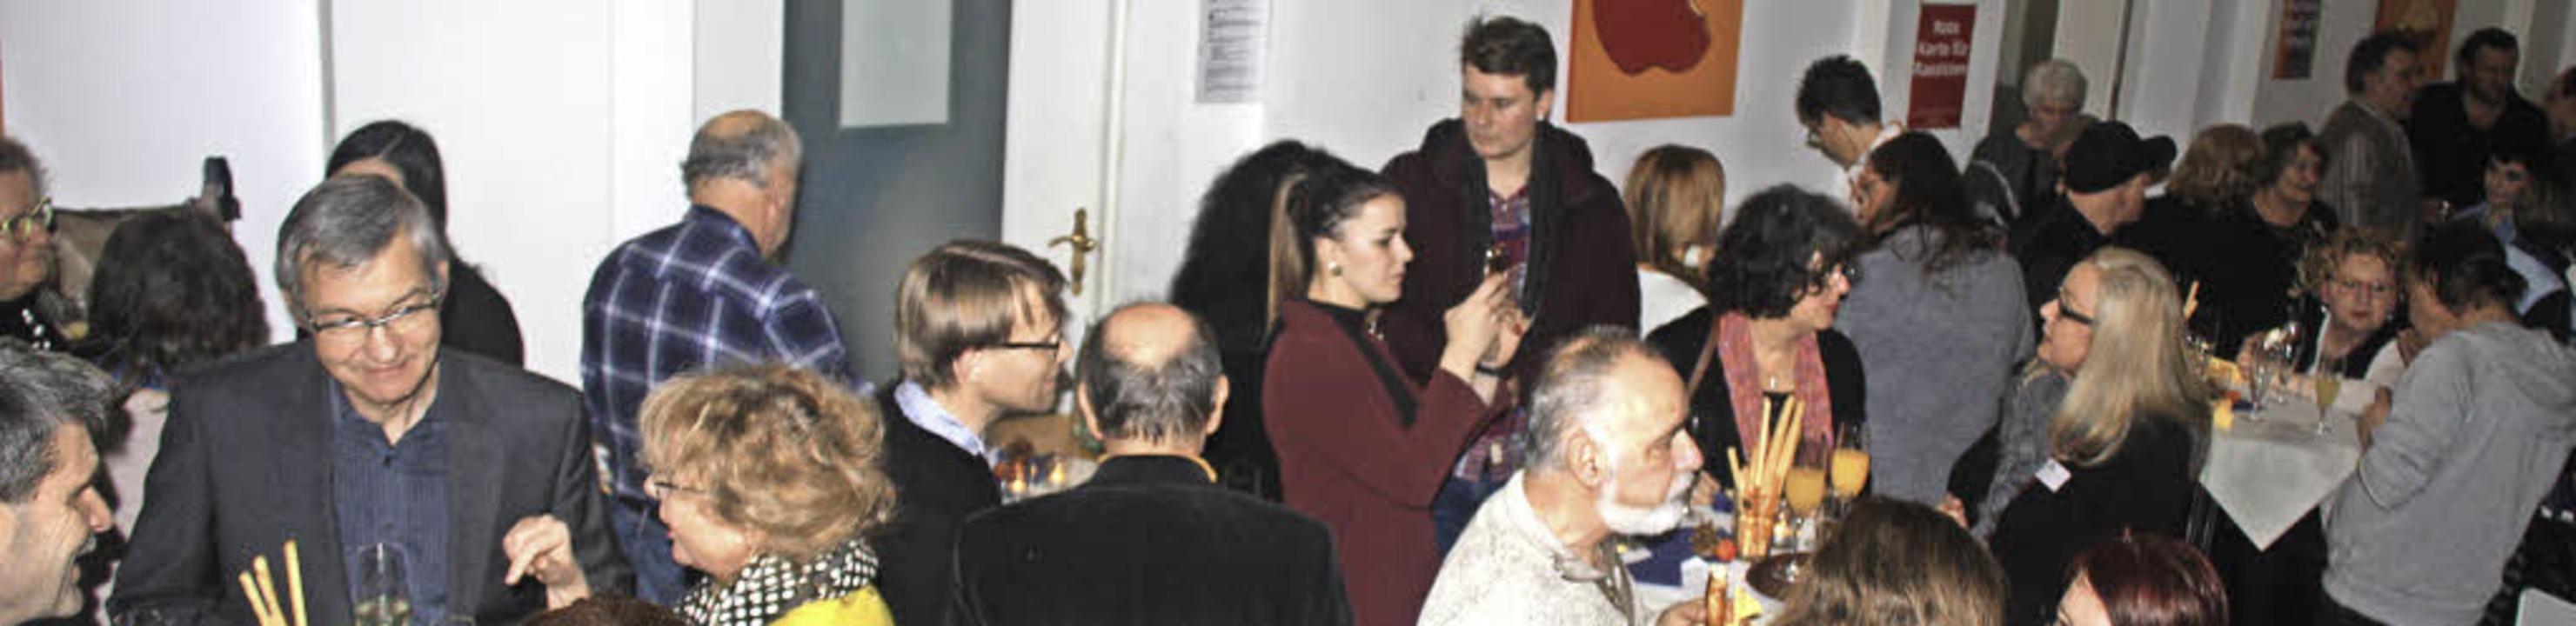 Der Wandel, in dem sich Friedlingen be...Neujahrsempfang des Stadtteilvereins.     Foto: Siemann